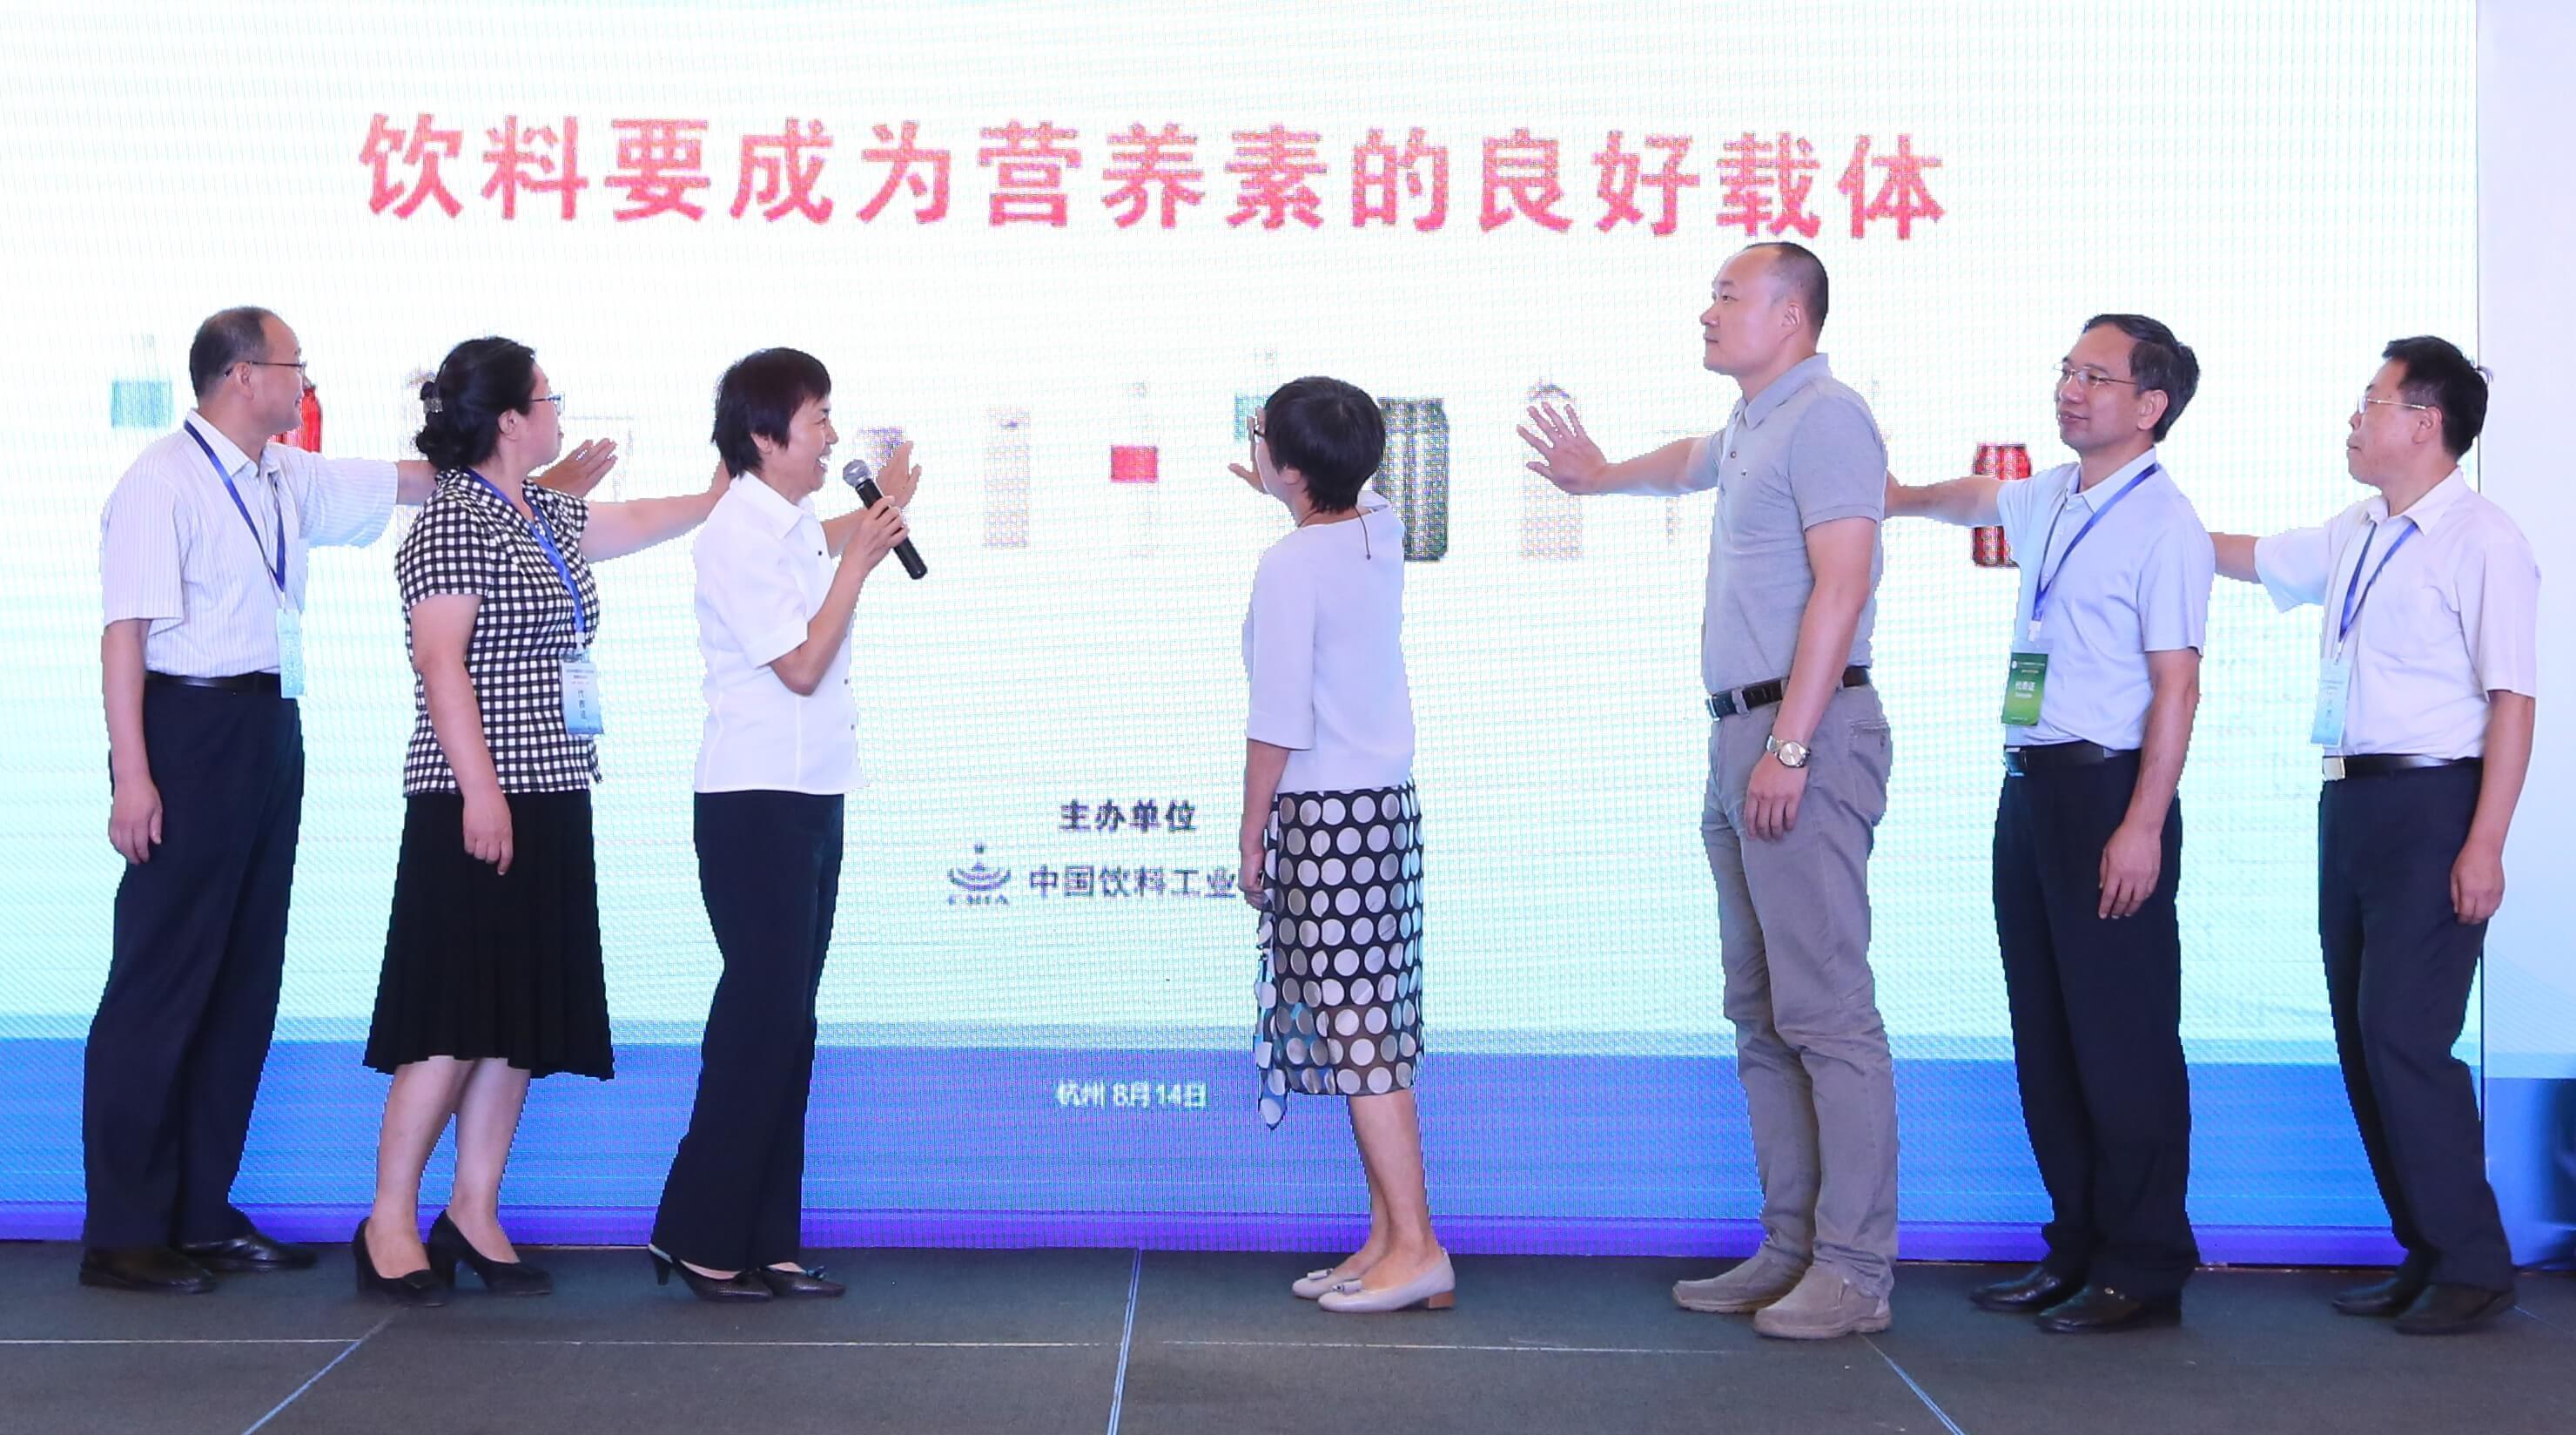 饮料要成为营养素的良好载体-2018中国饮料工业协会提出发展新理念